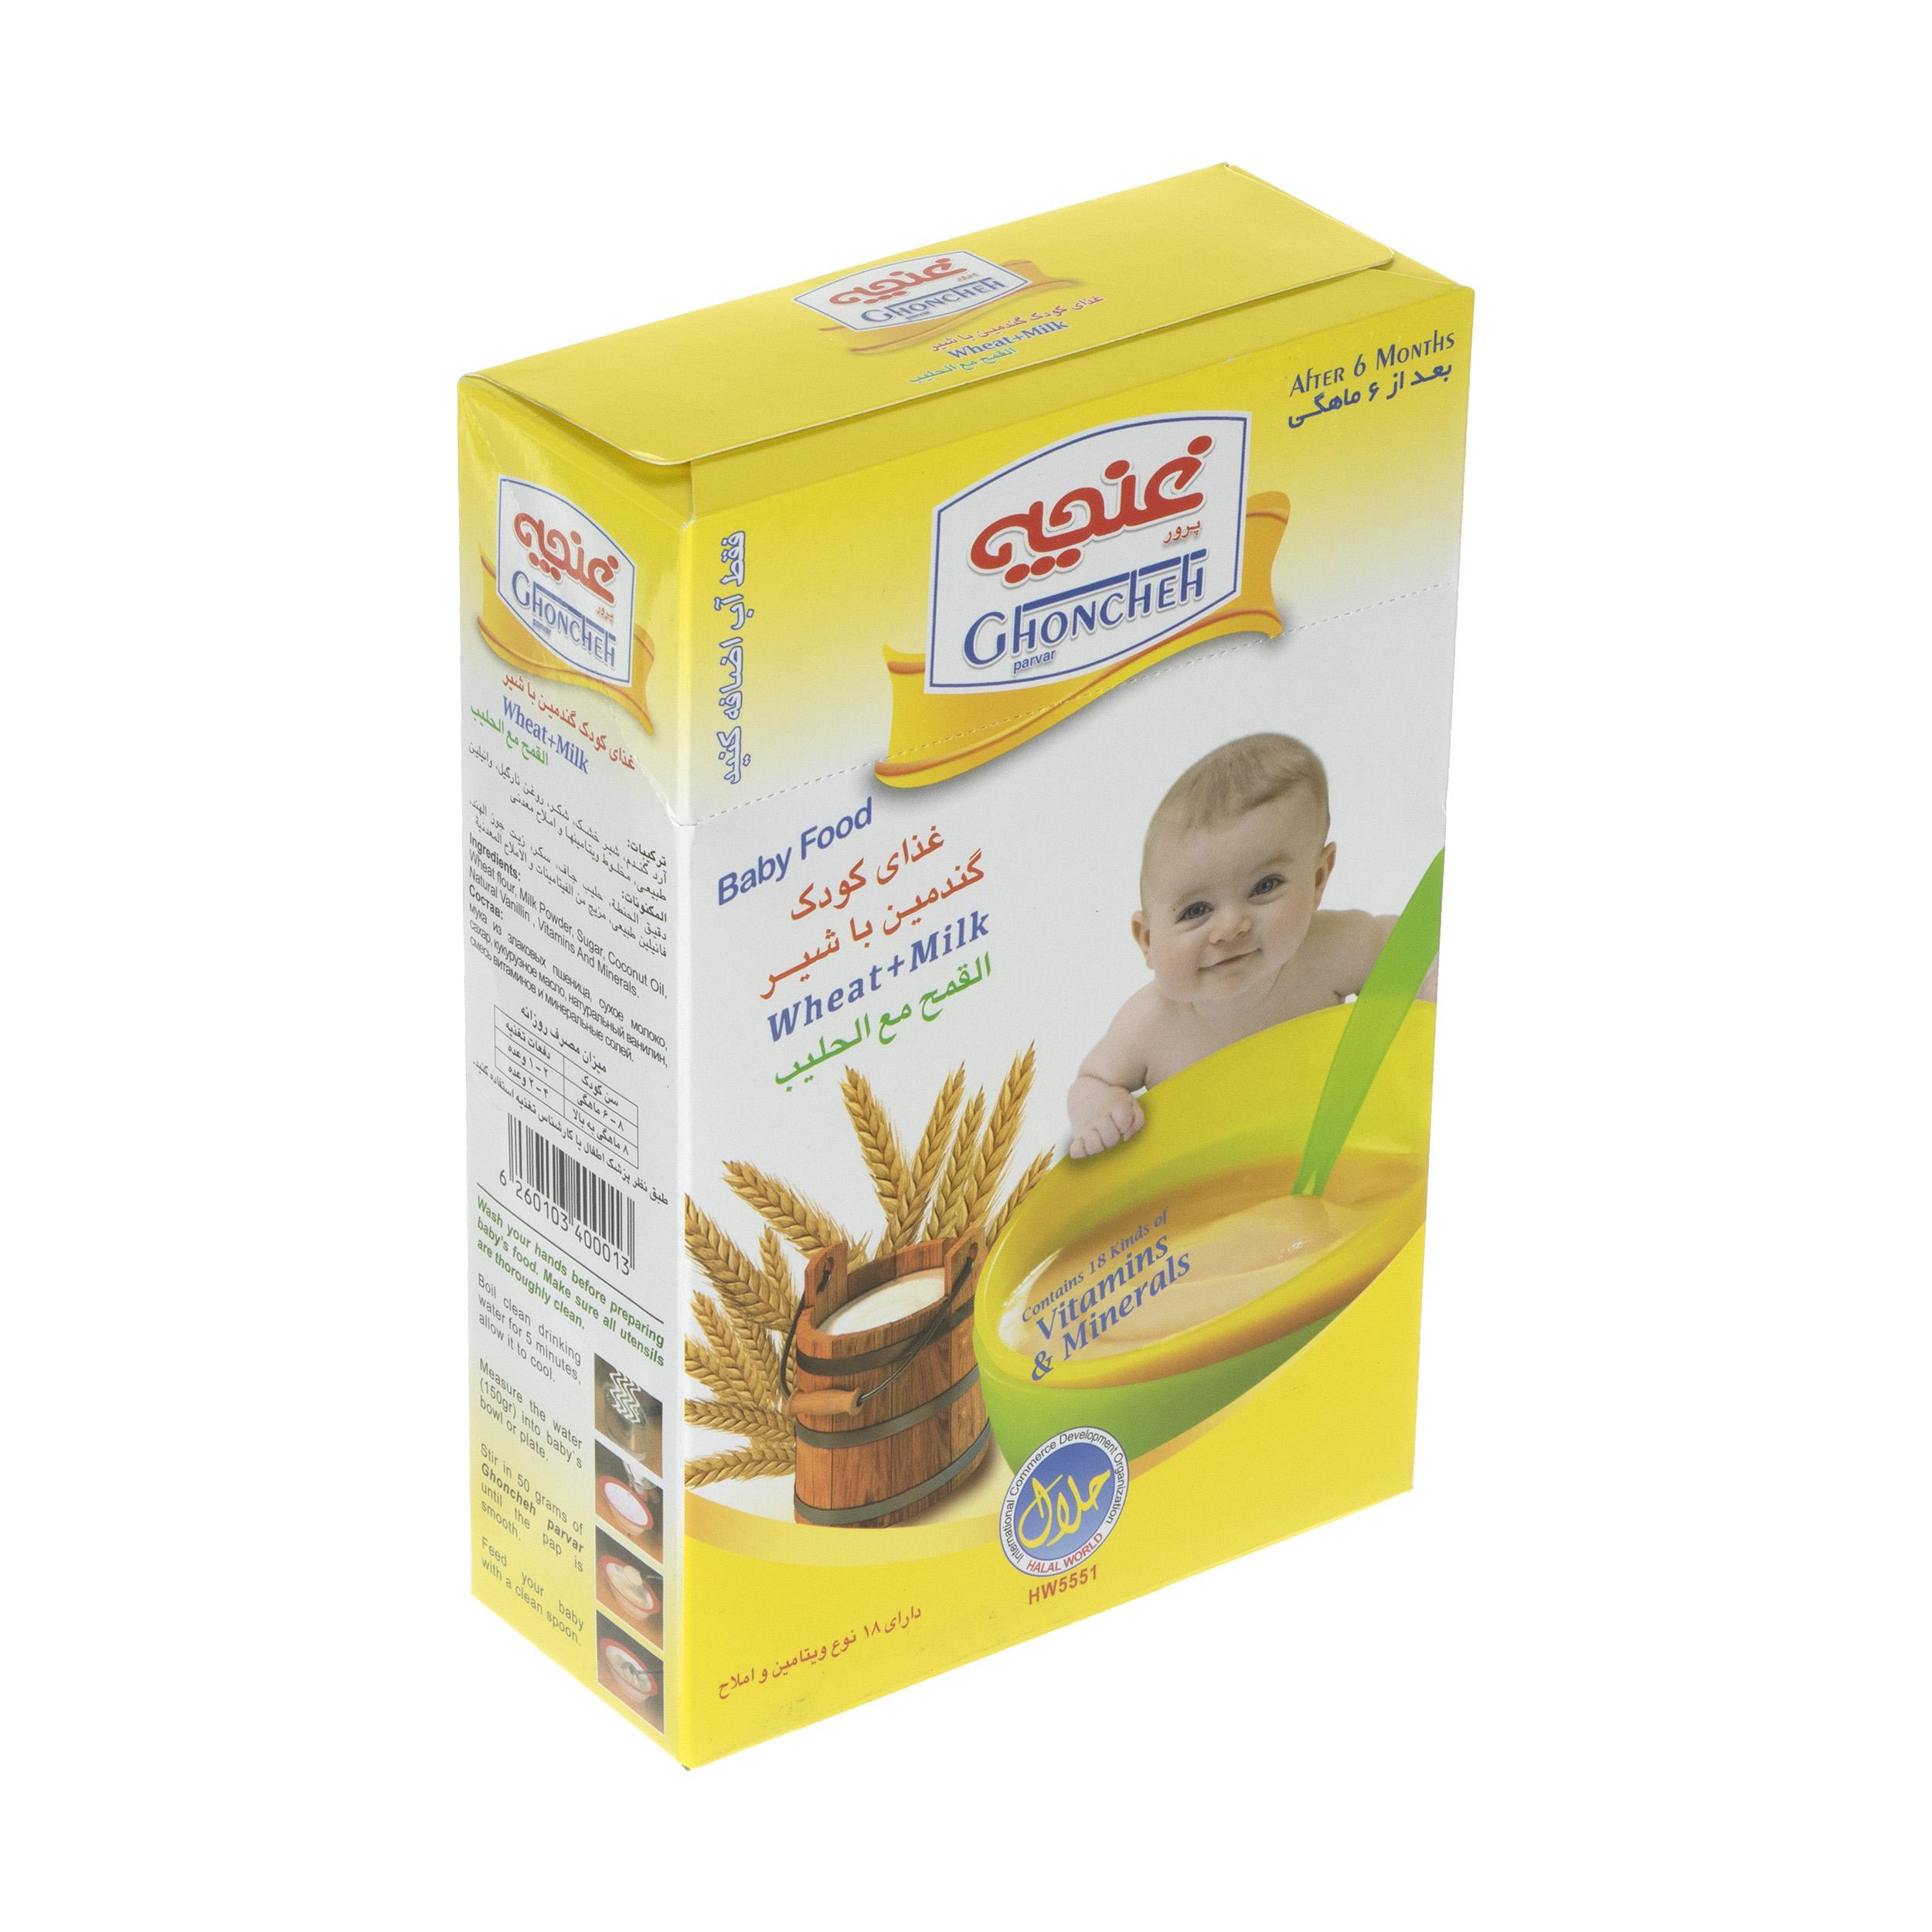 غذا کودک گندمین غنچه پرور با طعم شیر - 300 گرم